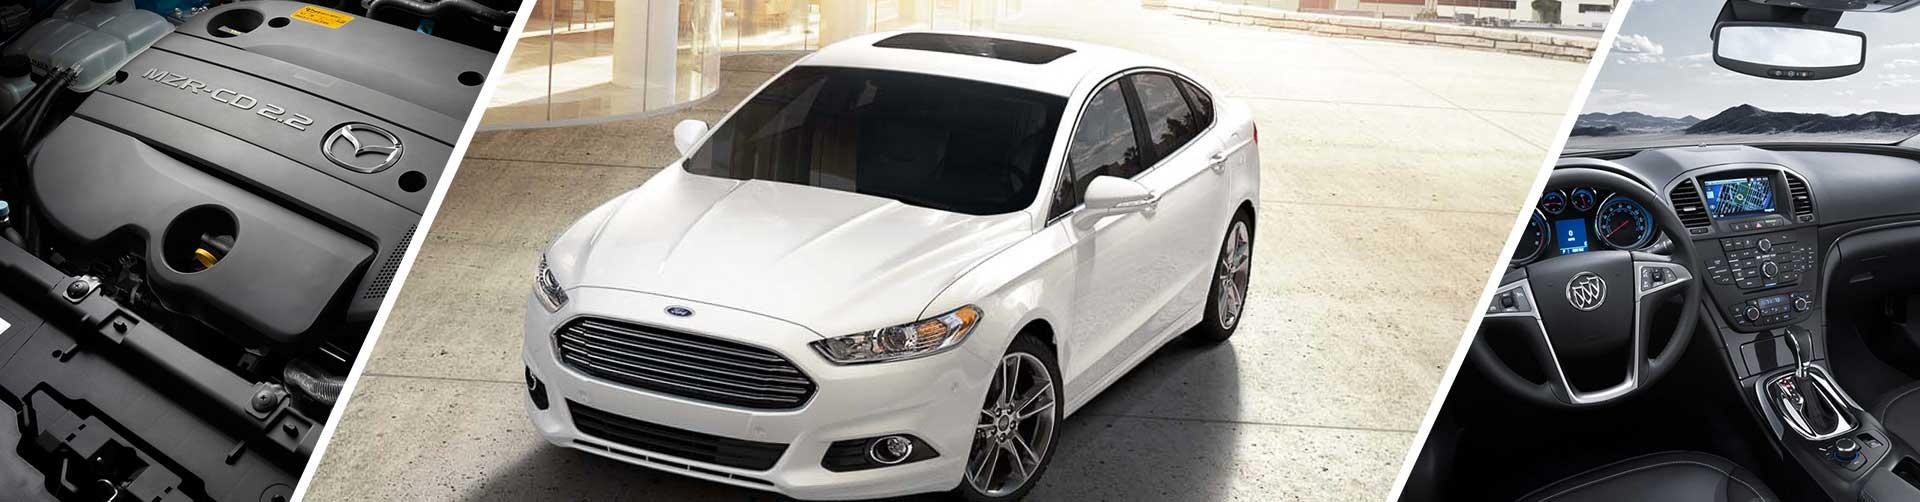 Atlantic Auto Sales >> Atlantic Auto Sales Car Dealer In Garner Nc